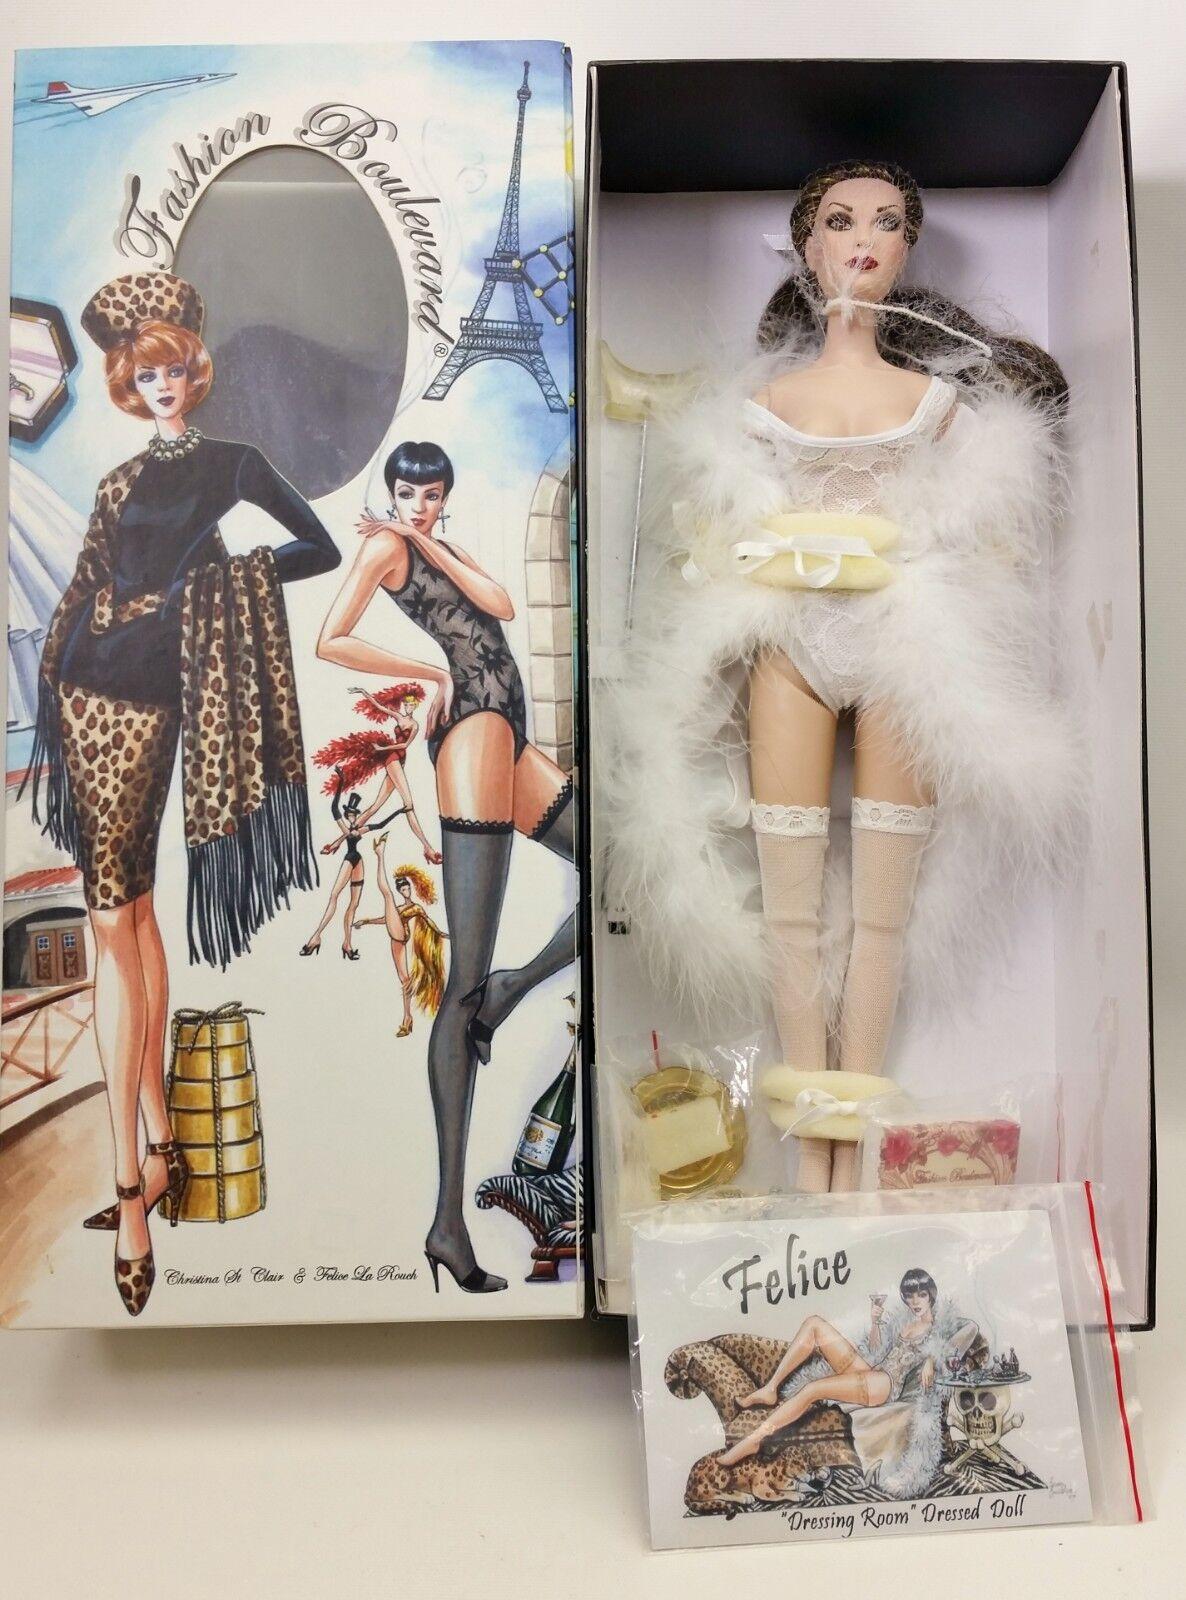 Fashion Boulevard Felice La Rouch Dressing Room Dressed Doll NIB